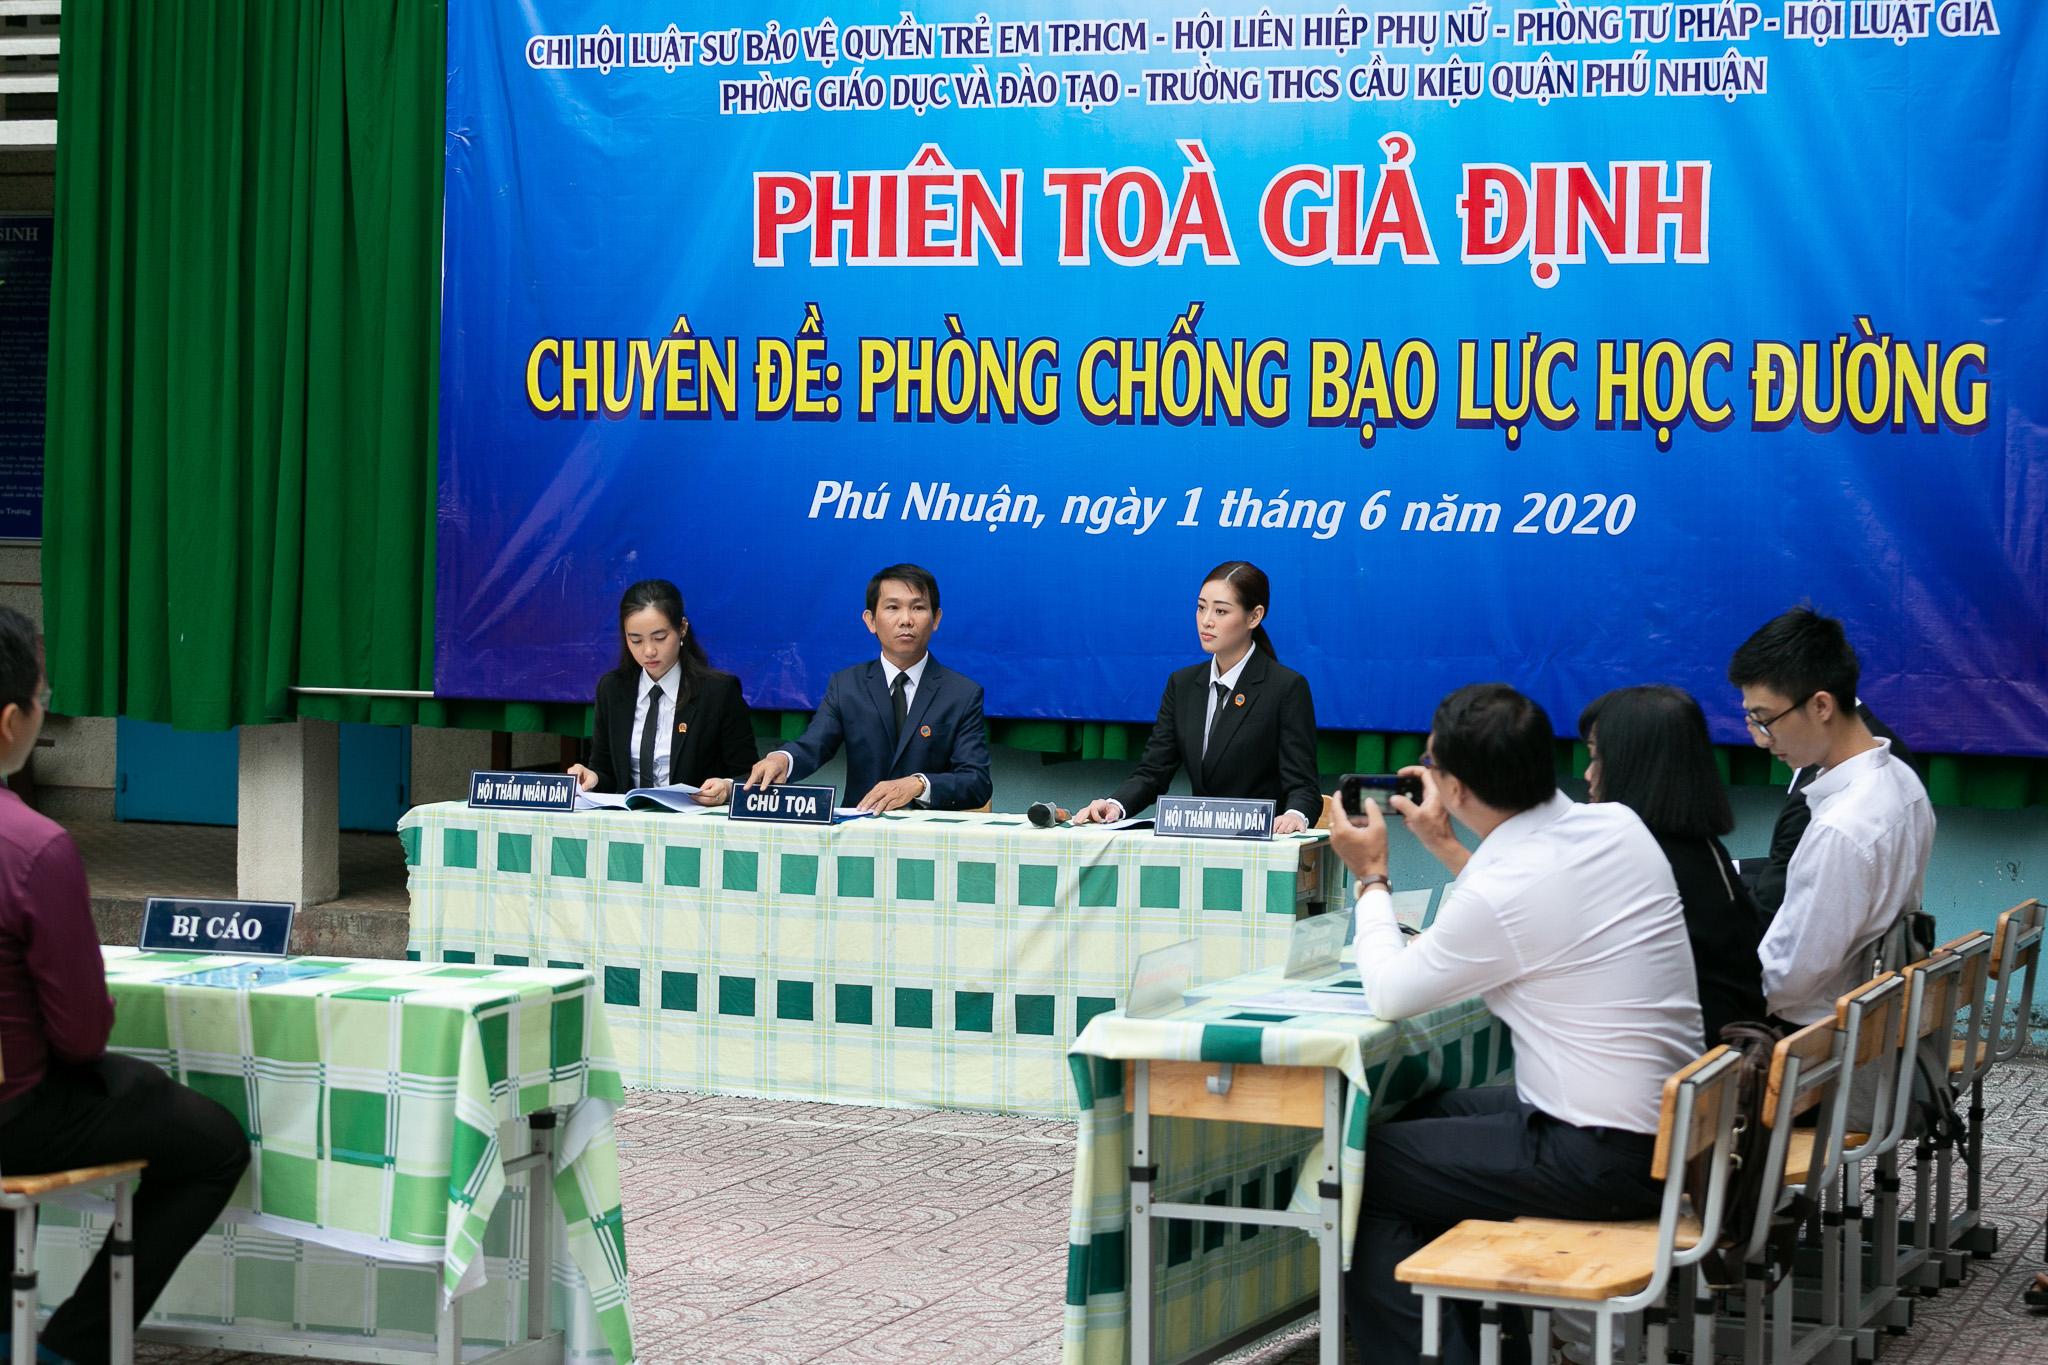 Hoa Hau Khanh Van_Phien toa gia dinh (33)